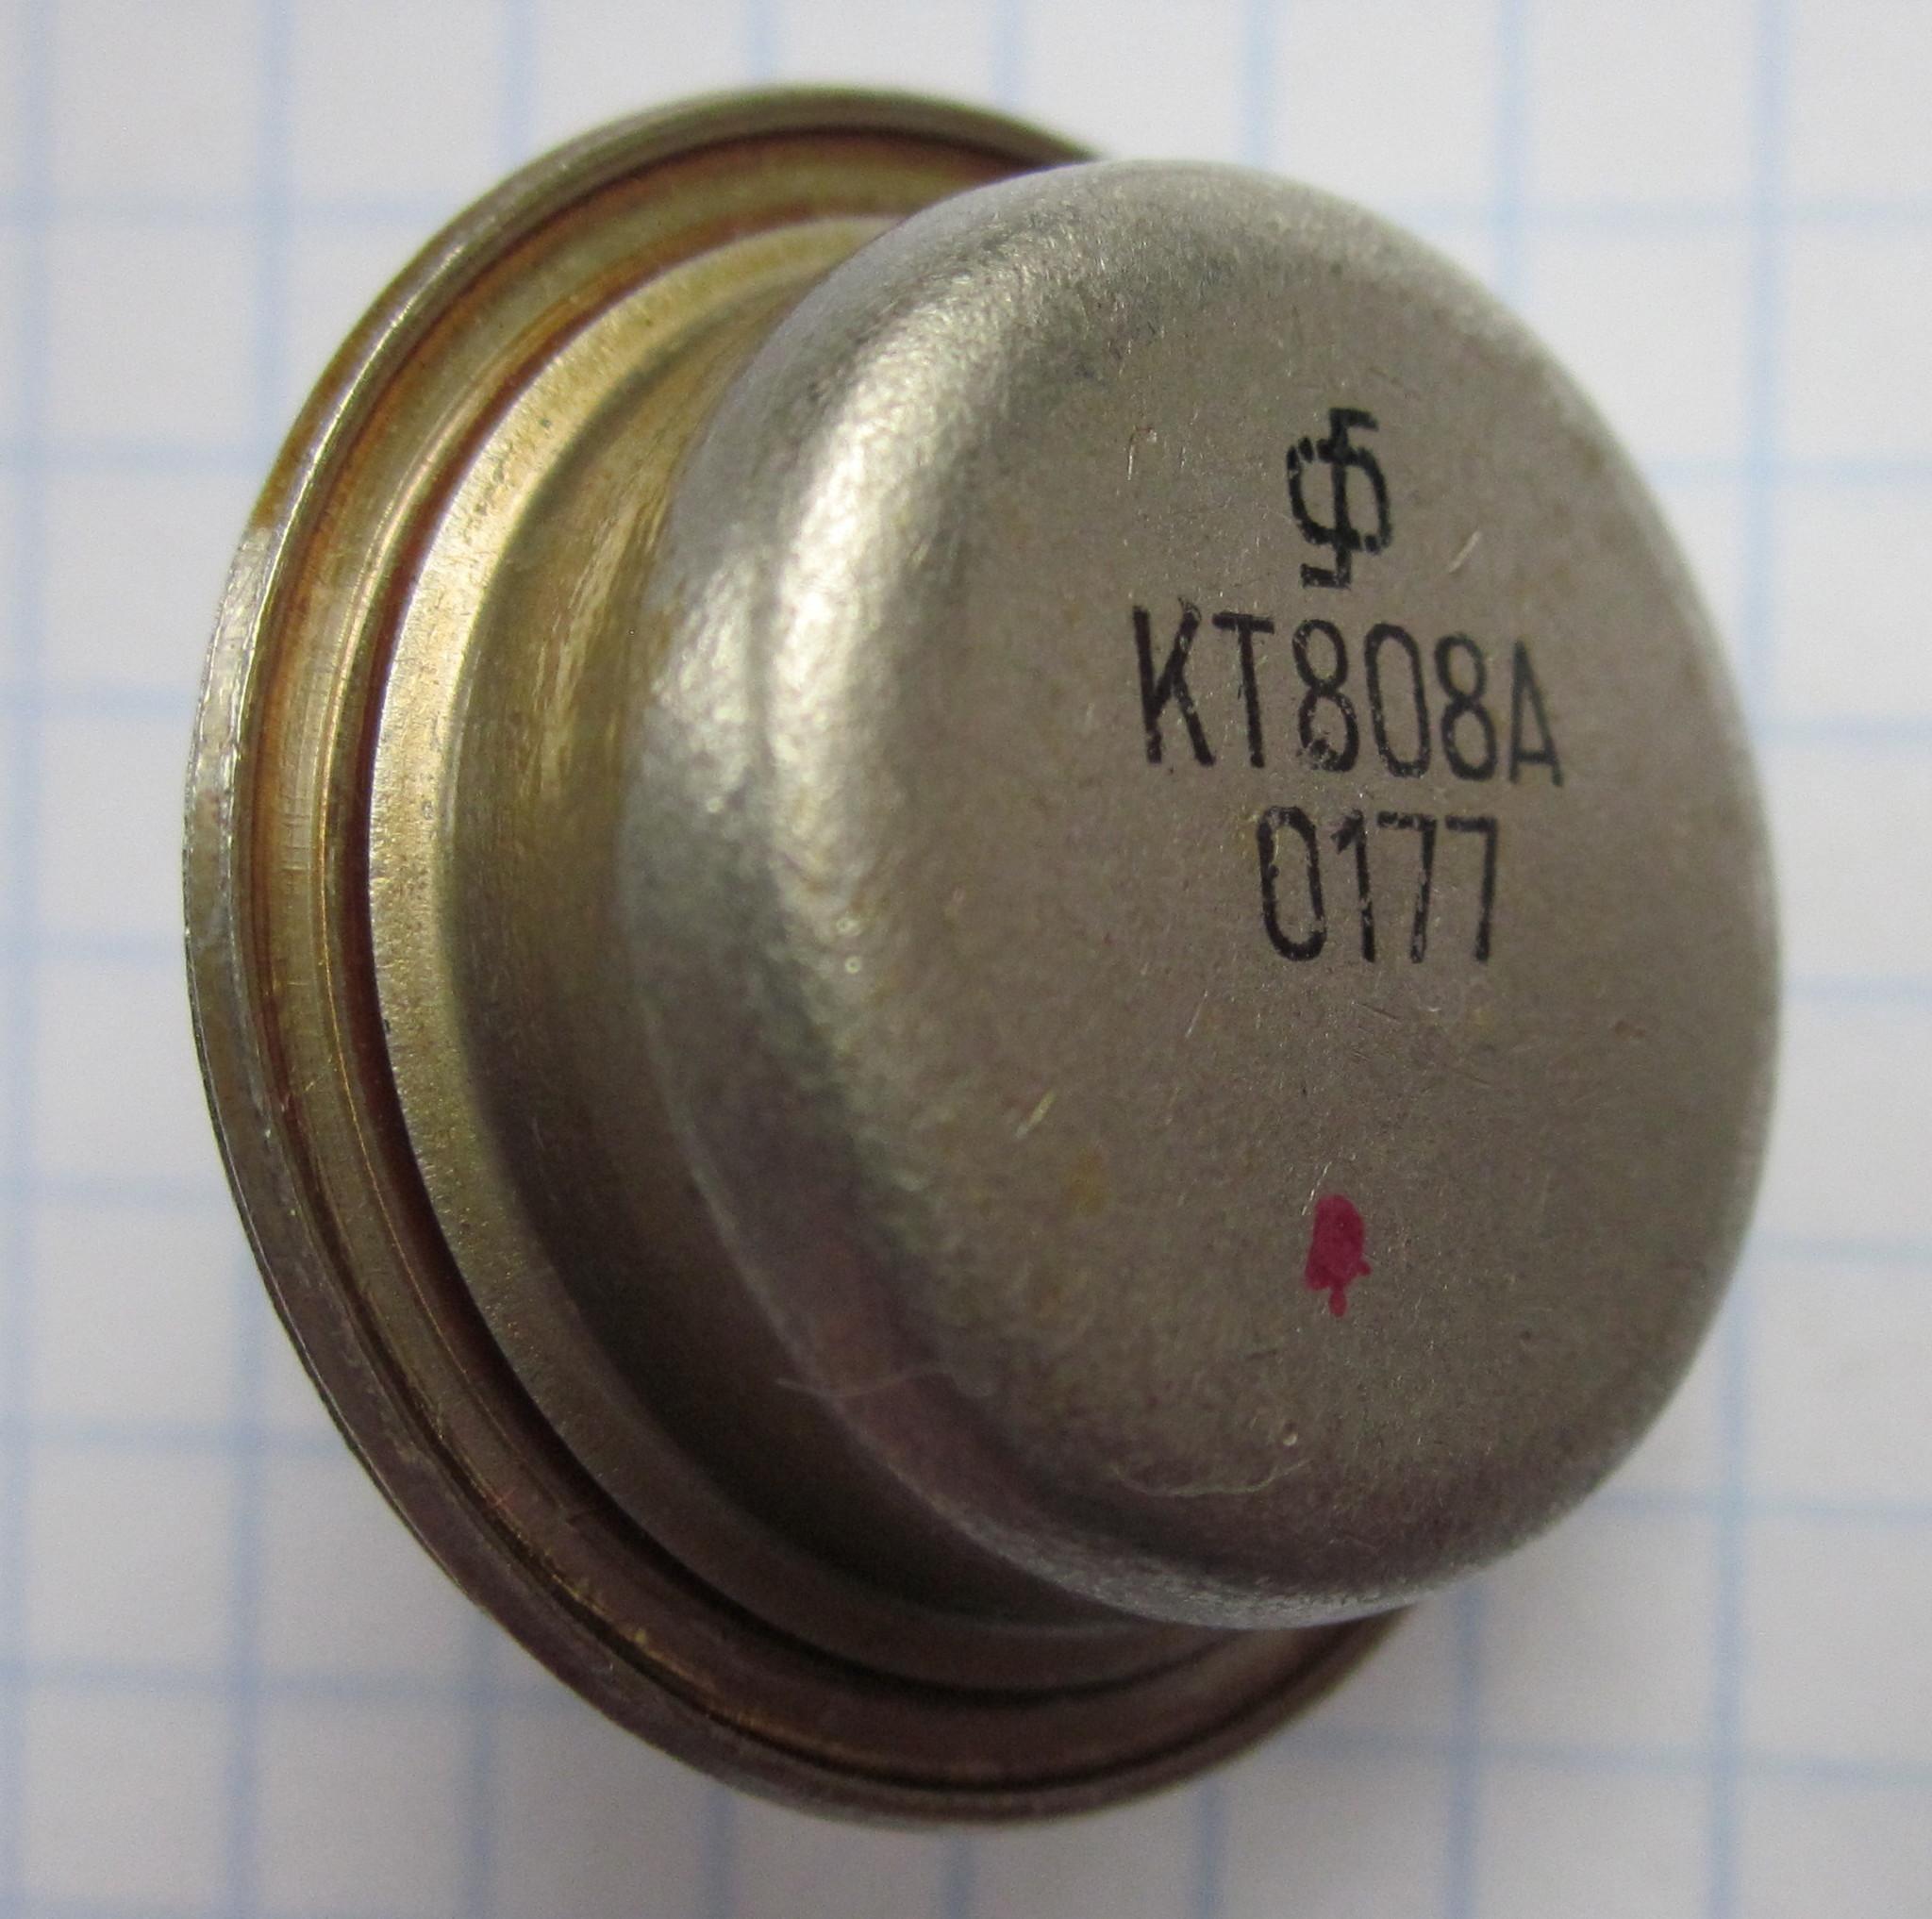 КТ808А